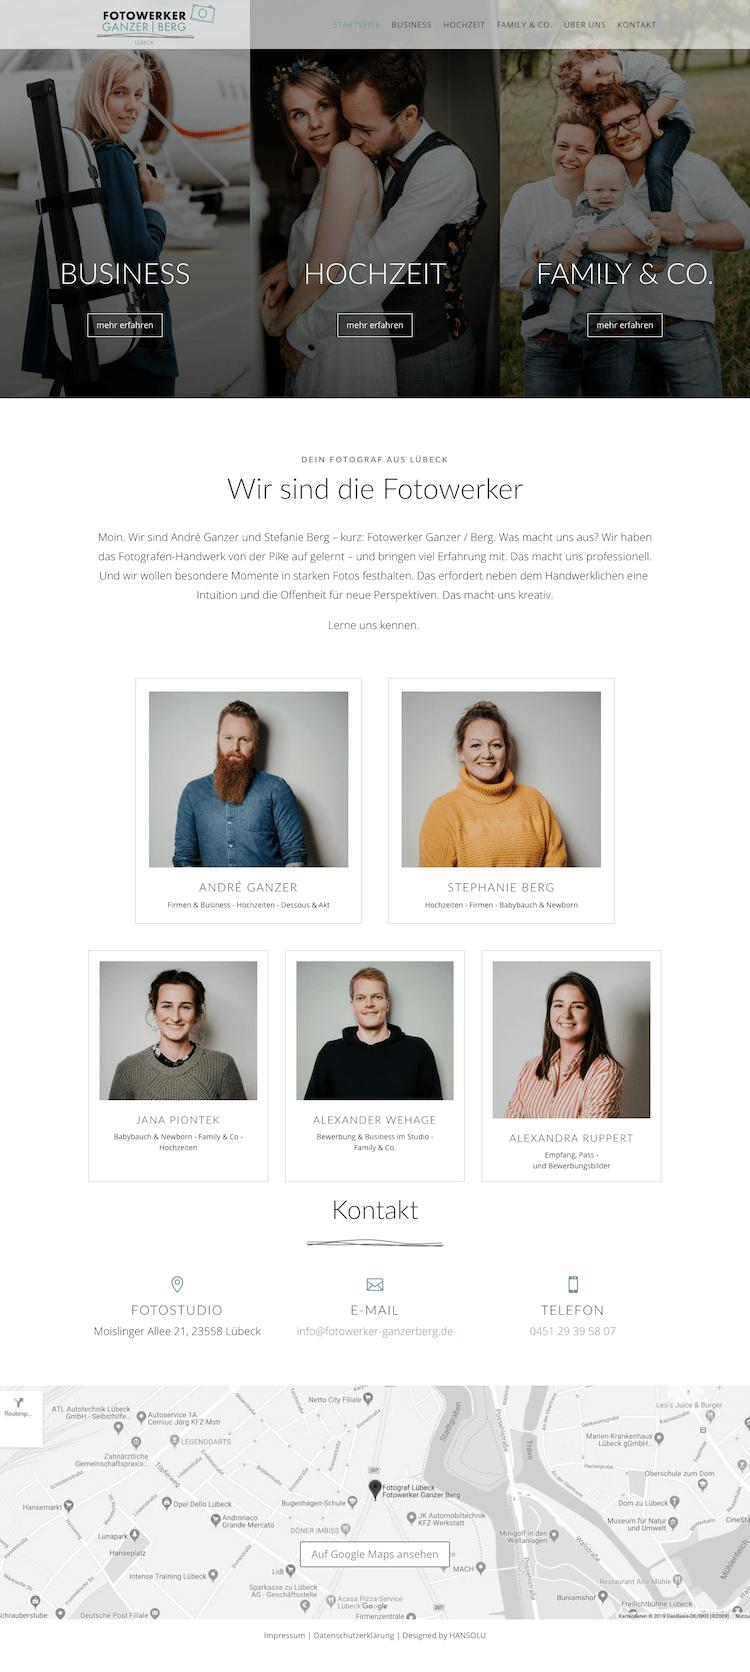 Portfolio Website Design - Fotowerker